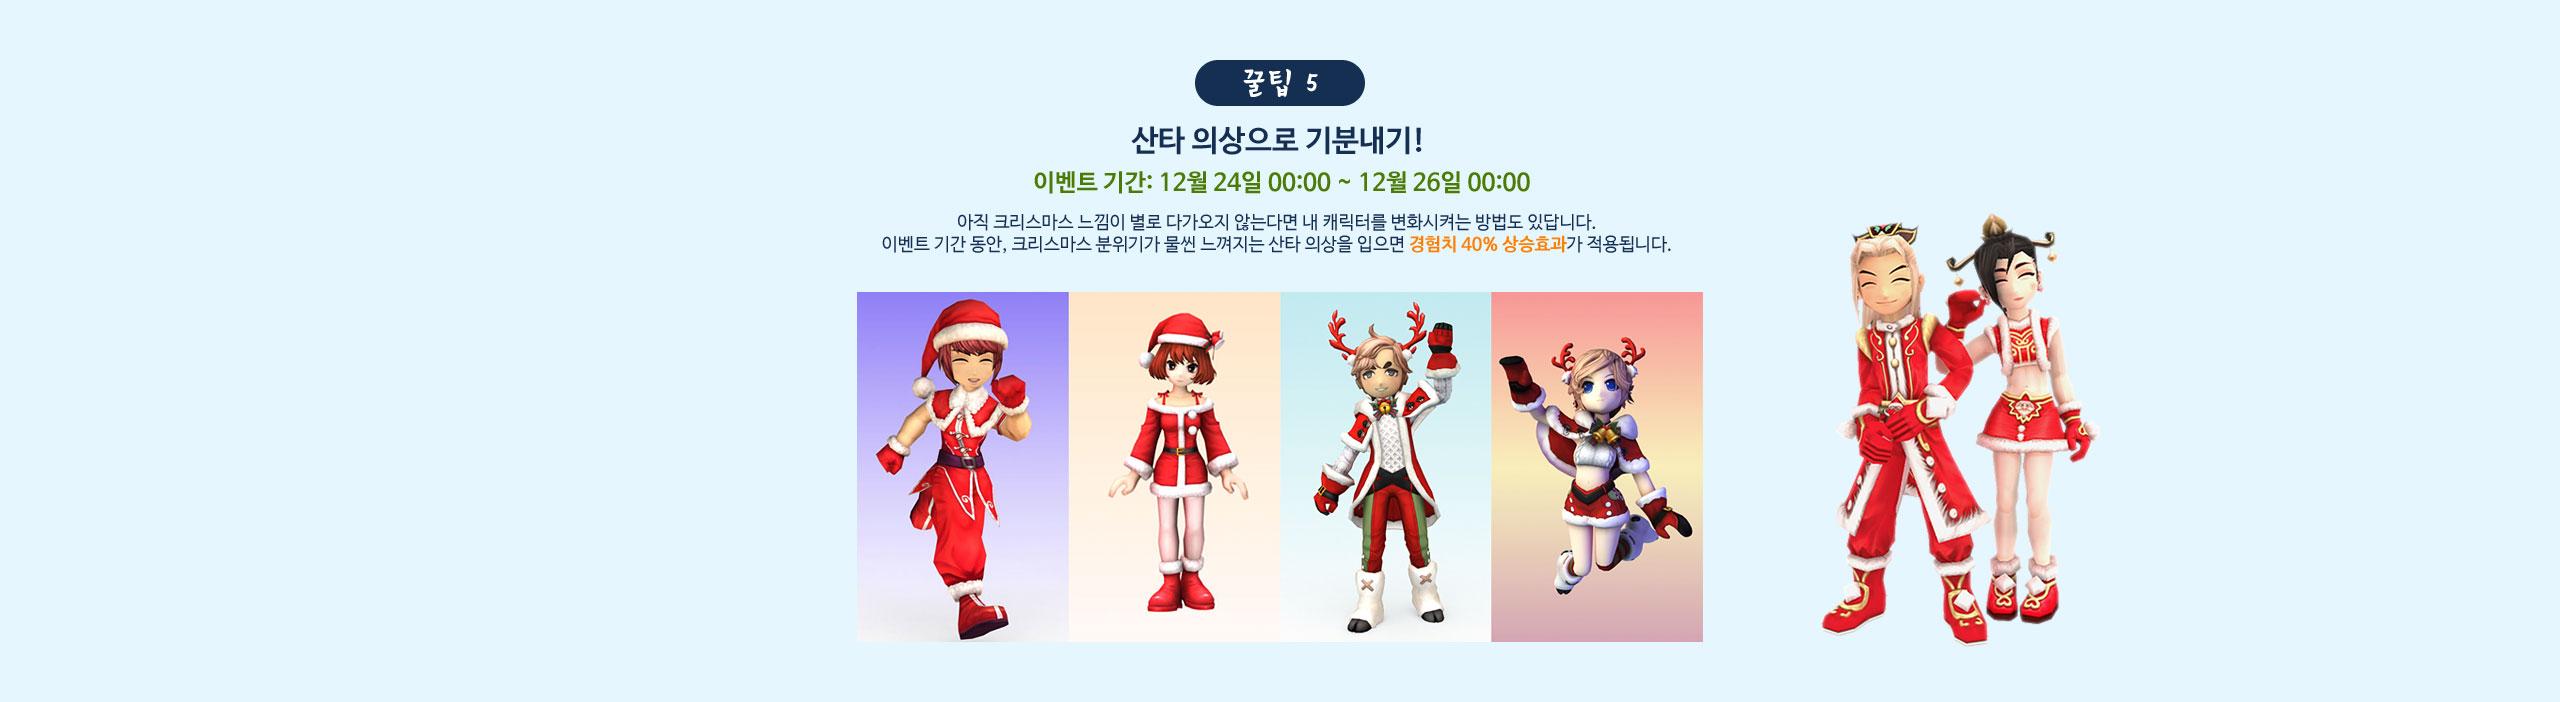 꿀팁 5 산타 의상으로 기분내기! 이벤트 기간: 12월 24일 00:00 ~ 12월 26일 00:00 아직 크리스마스 느낌이 별로 다가오지 않는다면 내 캐릭터를 변화시켜는 방법도 있답니다. 이벤트 기간 동안, 크리스마스 분위기가 물씬 느껴지는 산타 의상을 입으면 경험치 40% 상승효과가 적용됩니다.